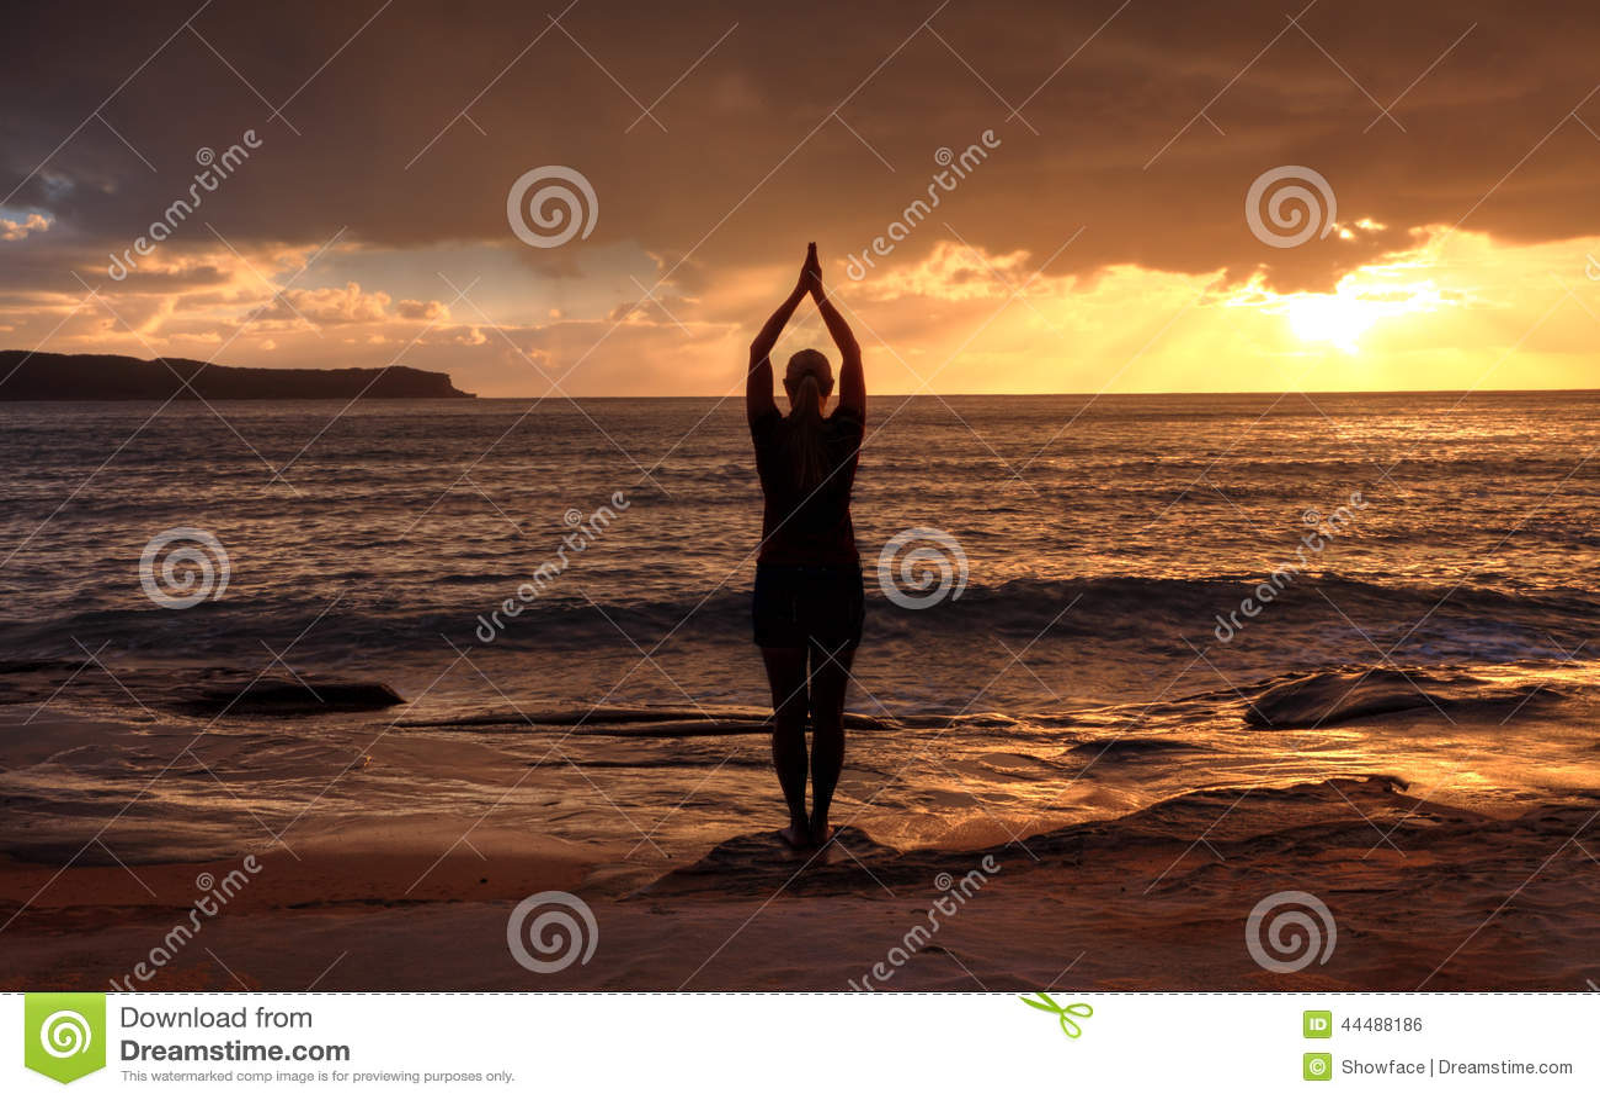 Vrouw Tadasana - de Berg stelt yoga door het overzees bij zonsopgang